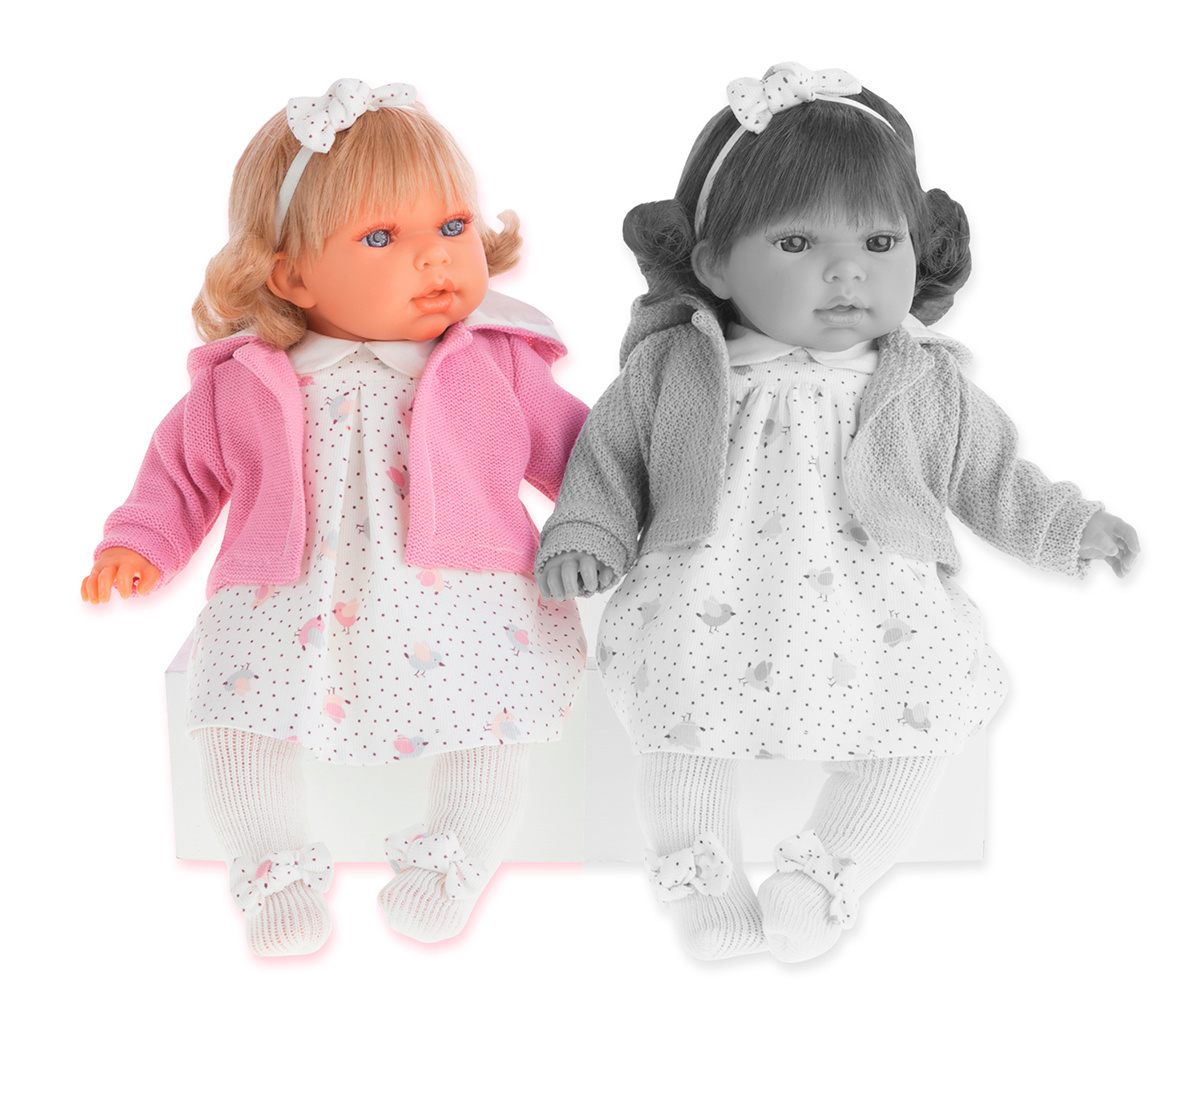 Кукла Лорена в розовом, озвученная, 37 смКуклы Антонио Хуан (Antonio Juan Munecas)<br>Кукла Лорена в розовом, озвученная, 37 см<br>